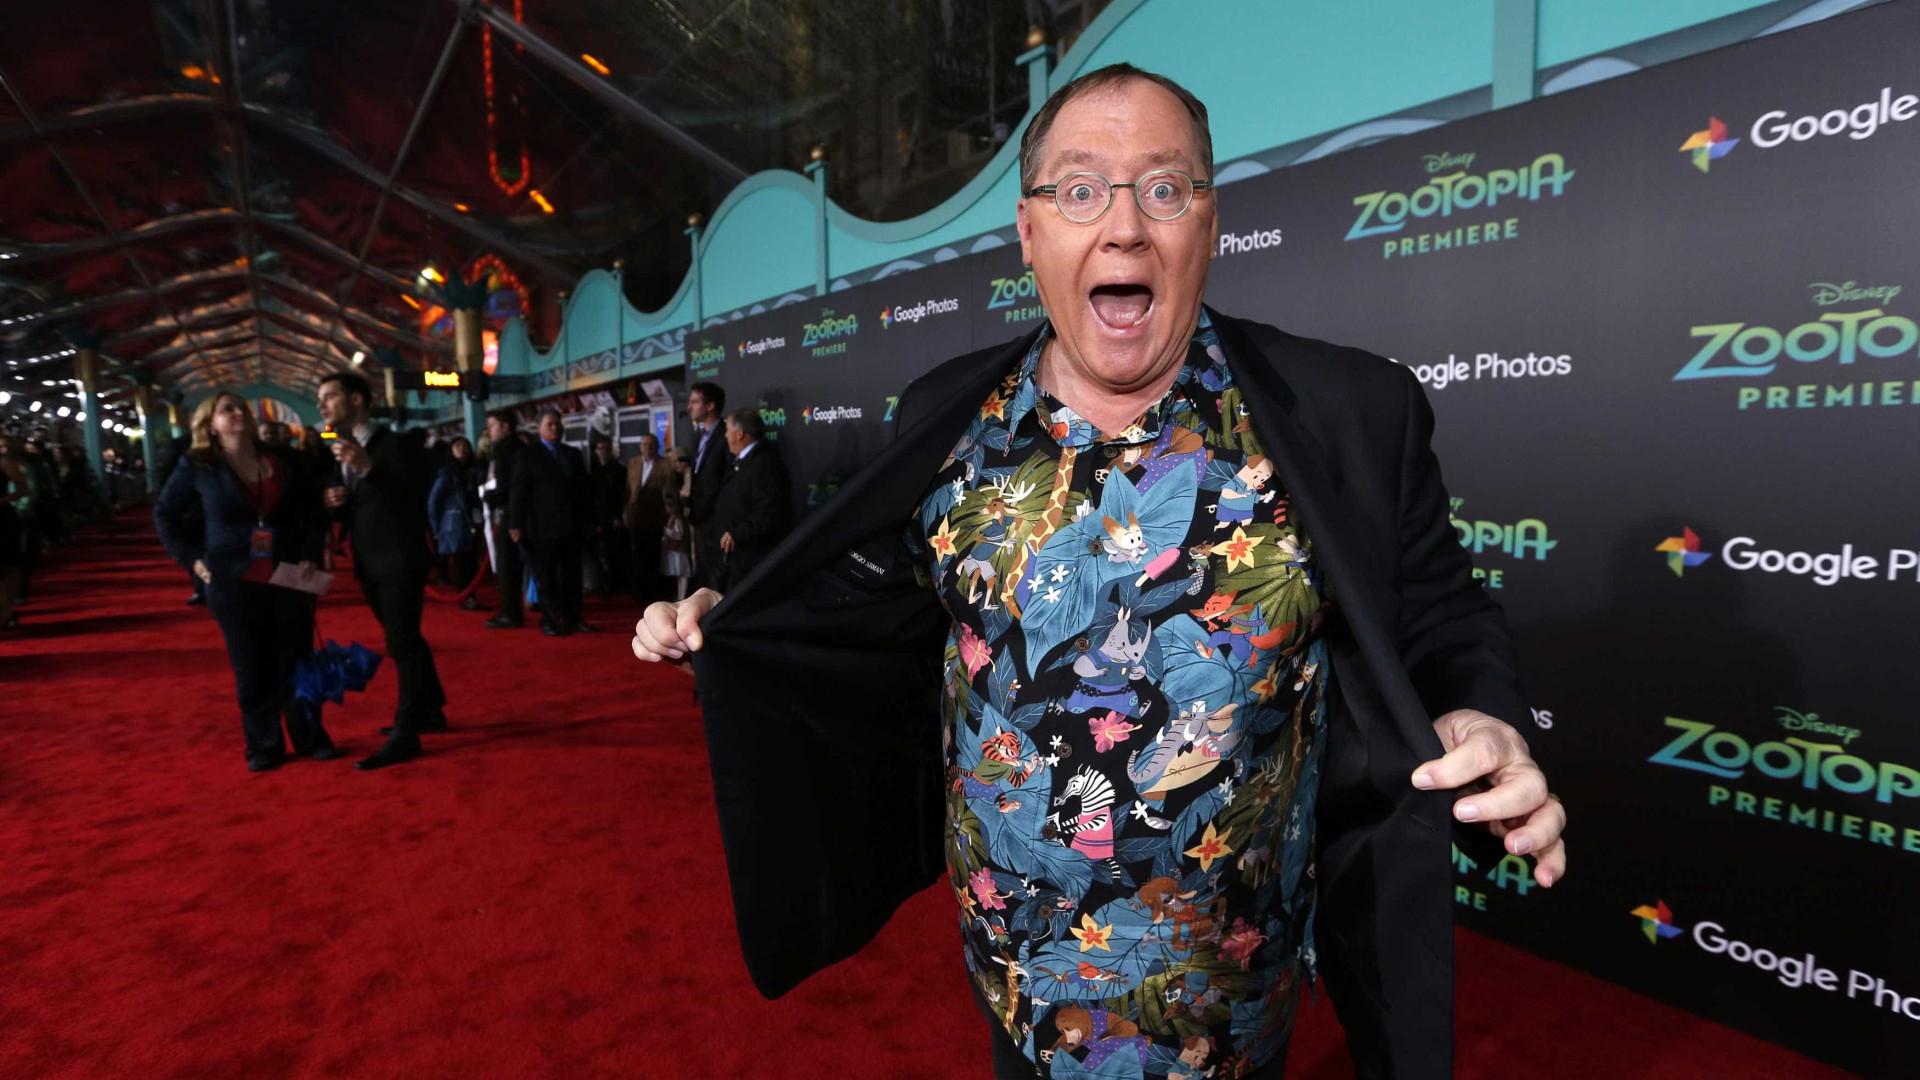 Chefe da Pixar é afastado após acusações de assédio